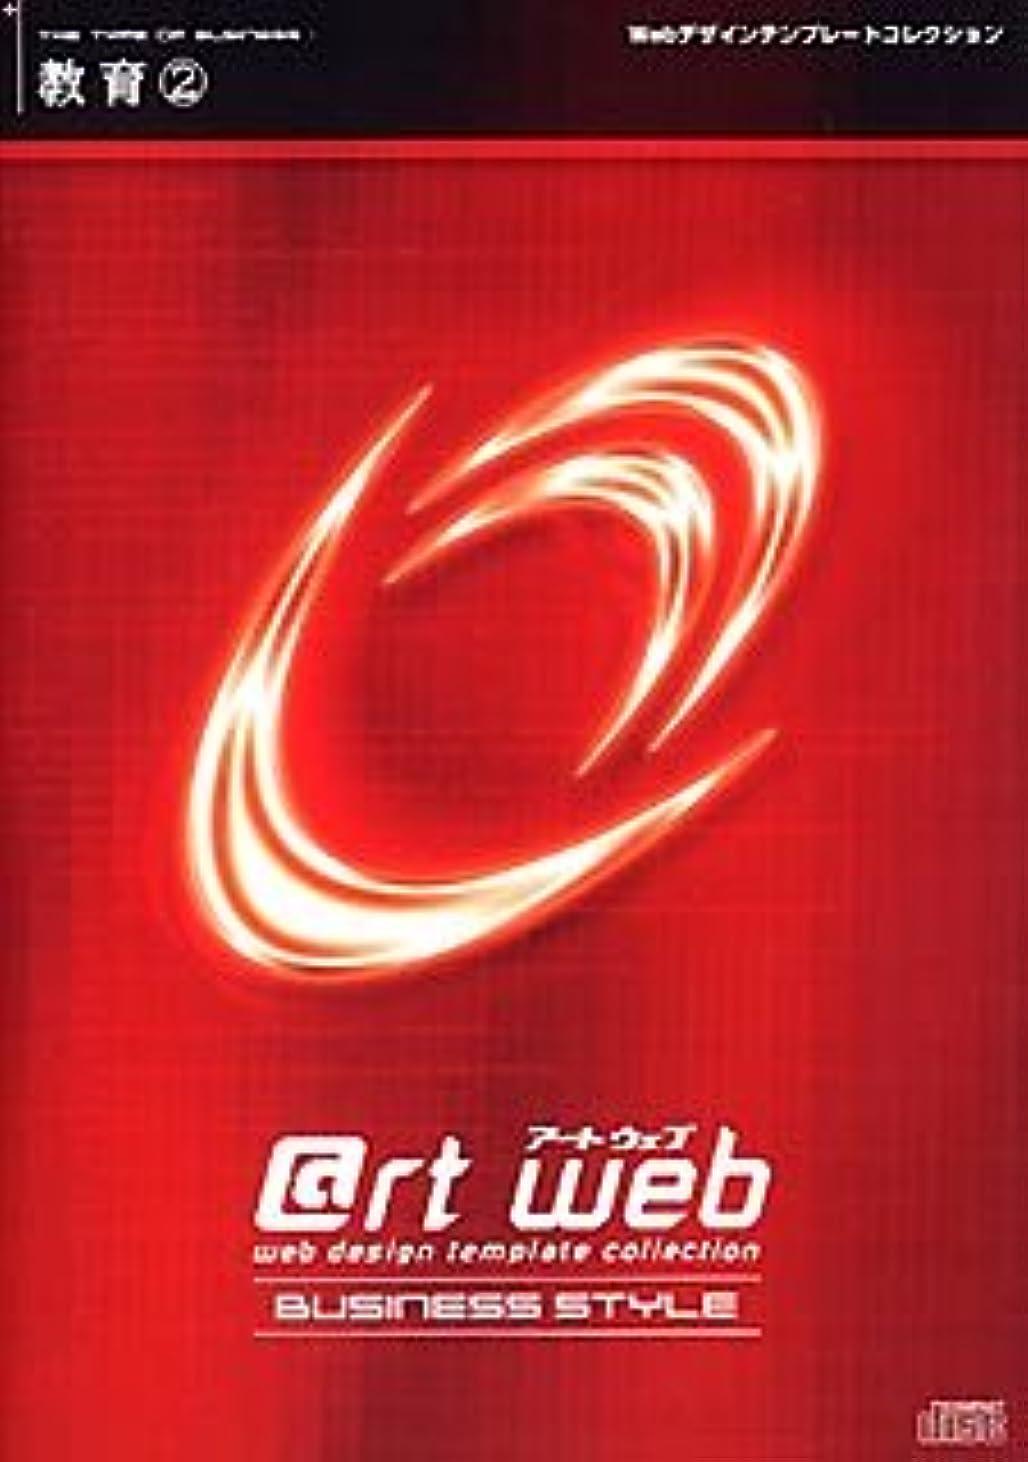 独占指導するシード@rt web BUSINESS STYLE 教育 2